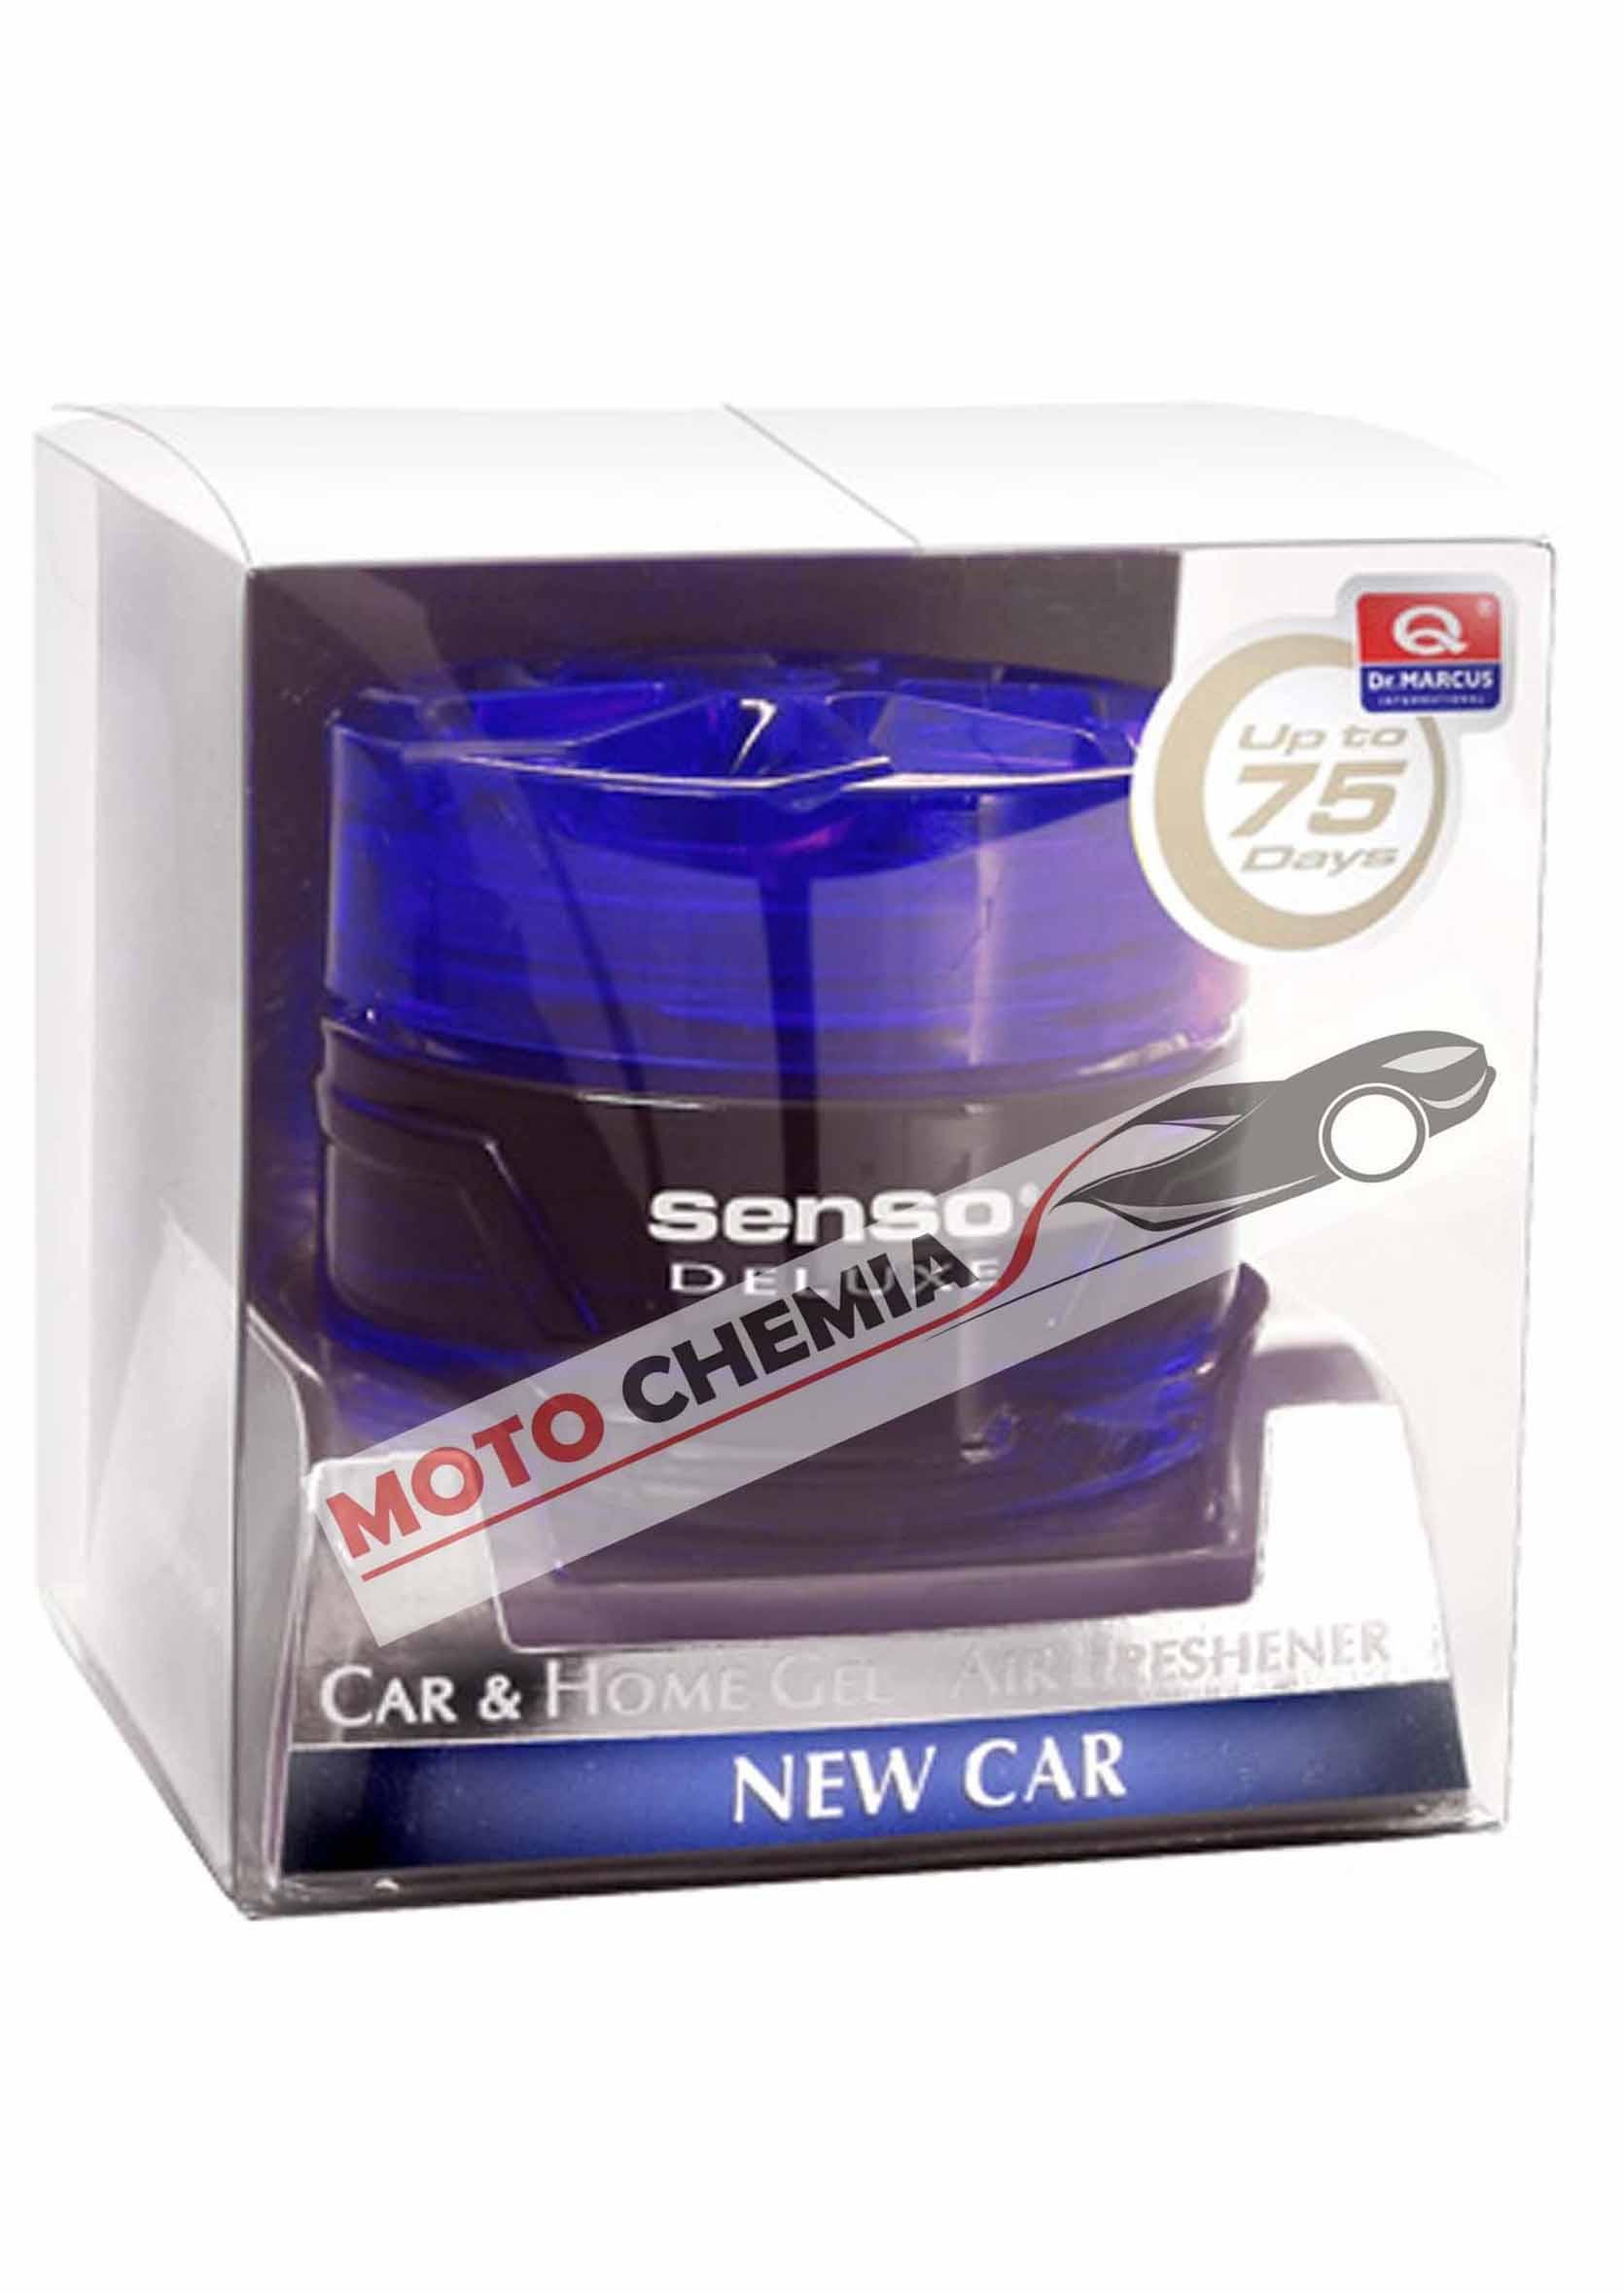 Dr. Marcus Senso Deluxe Gel New Car 50ml Odświeżacz Powietrza w Żelu